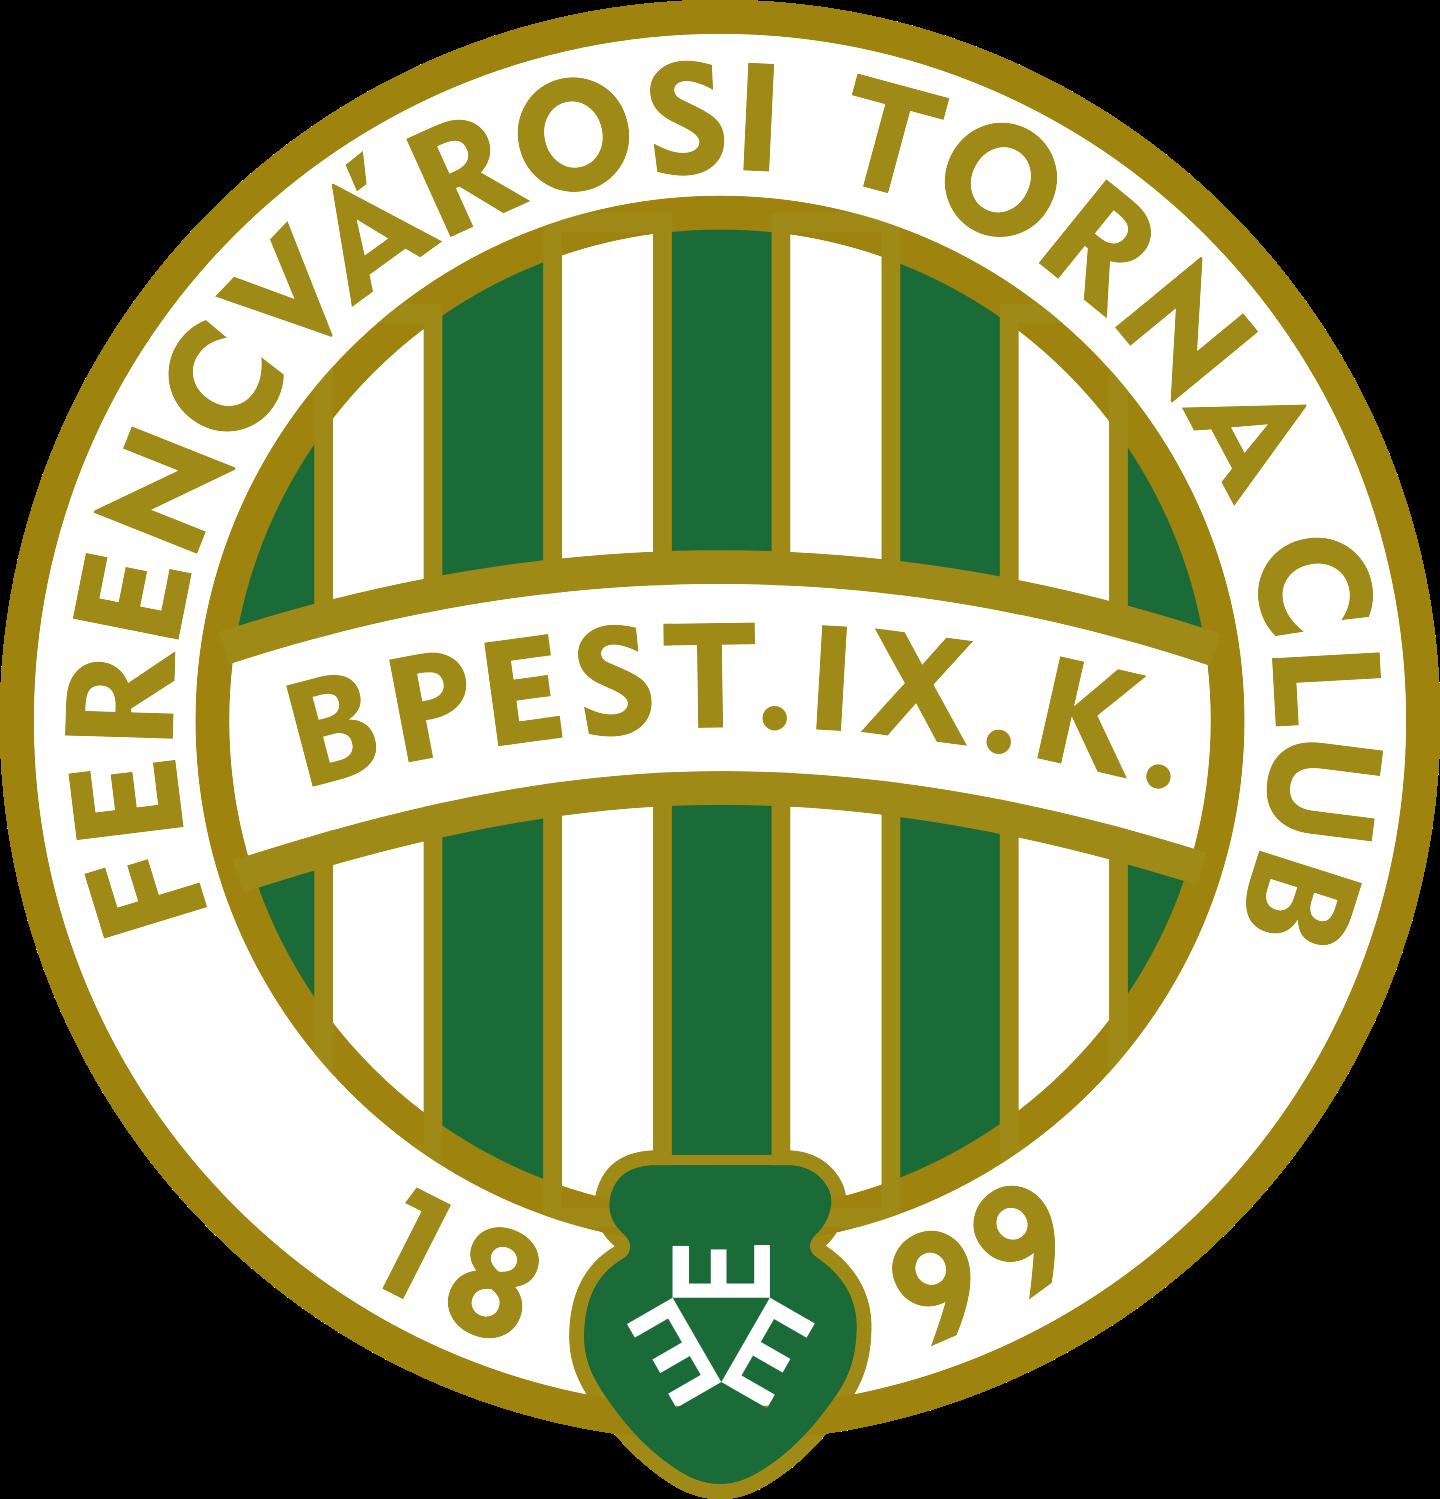 ferencvarosi torna club logo 3 - Ferencvárosi Torna Club Logo